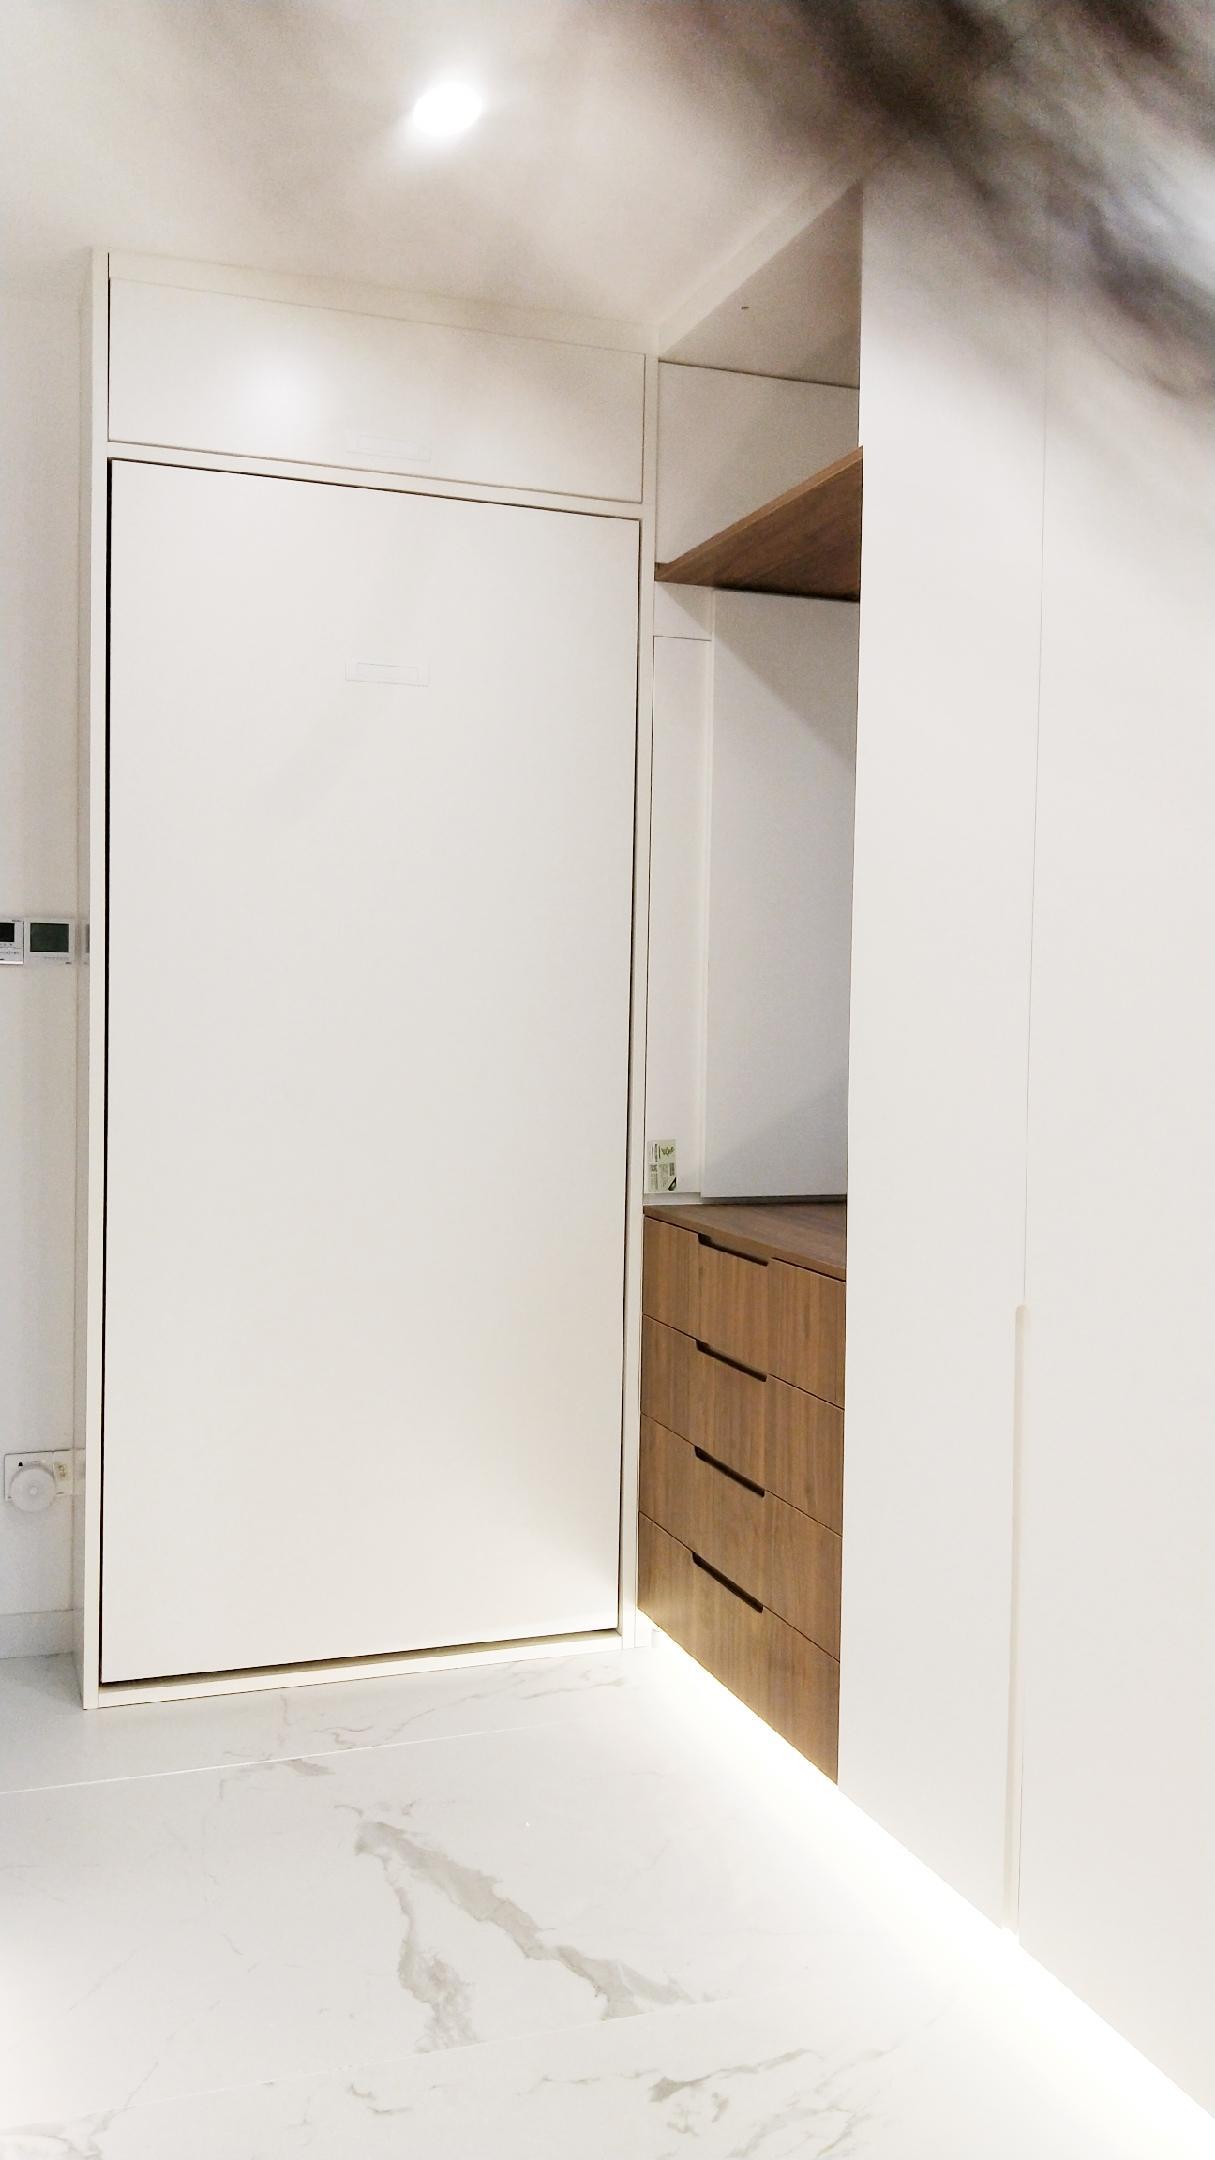 穿墙隐形人_2018 年,你的家里添置了哪些令人满意的小物件或大家电? - 知乎